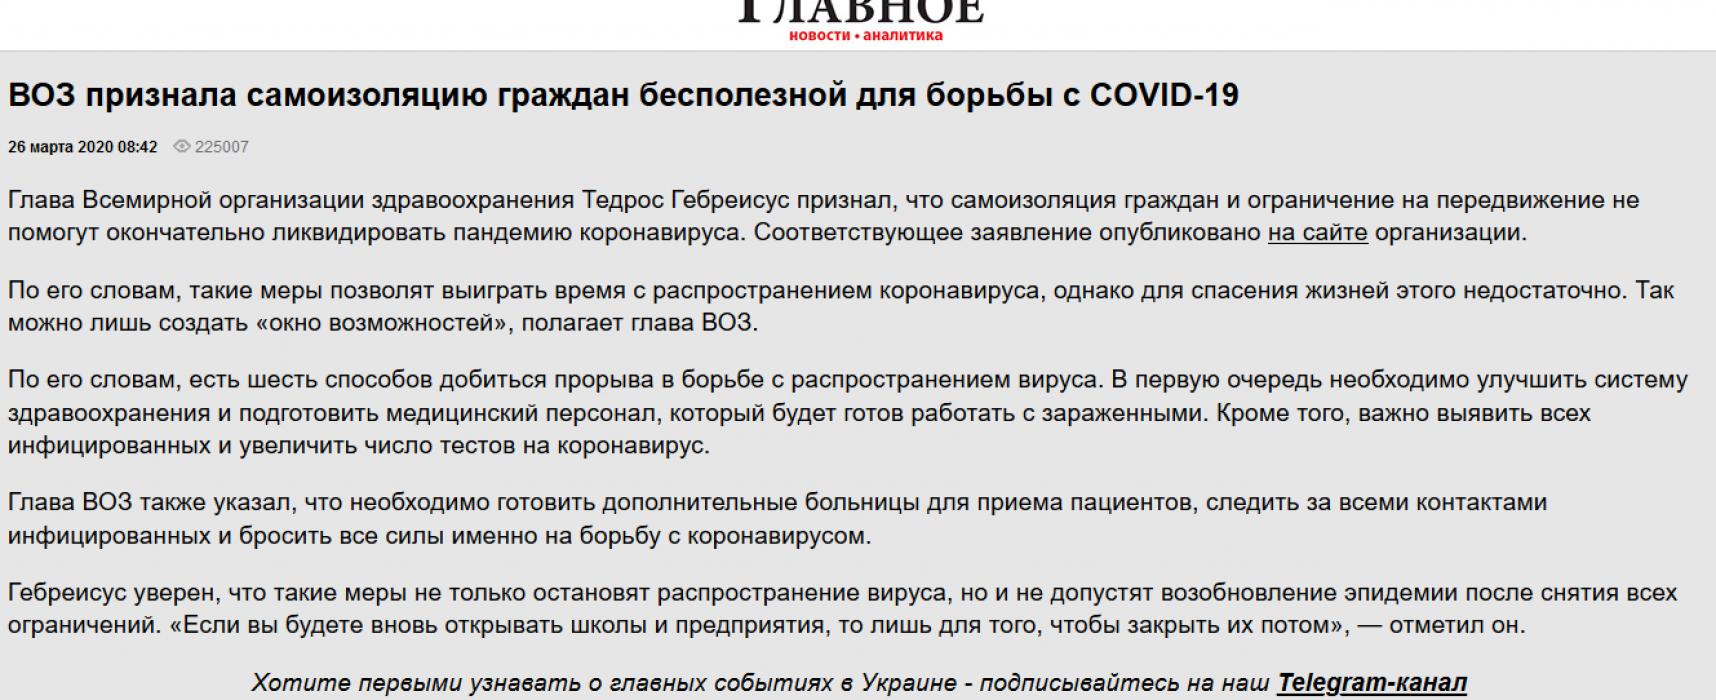 Маніпуляція: ВООЗ визнала самоізоляцію громадян марною в боротьбі з COVID-19